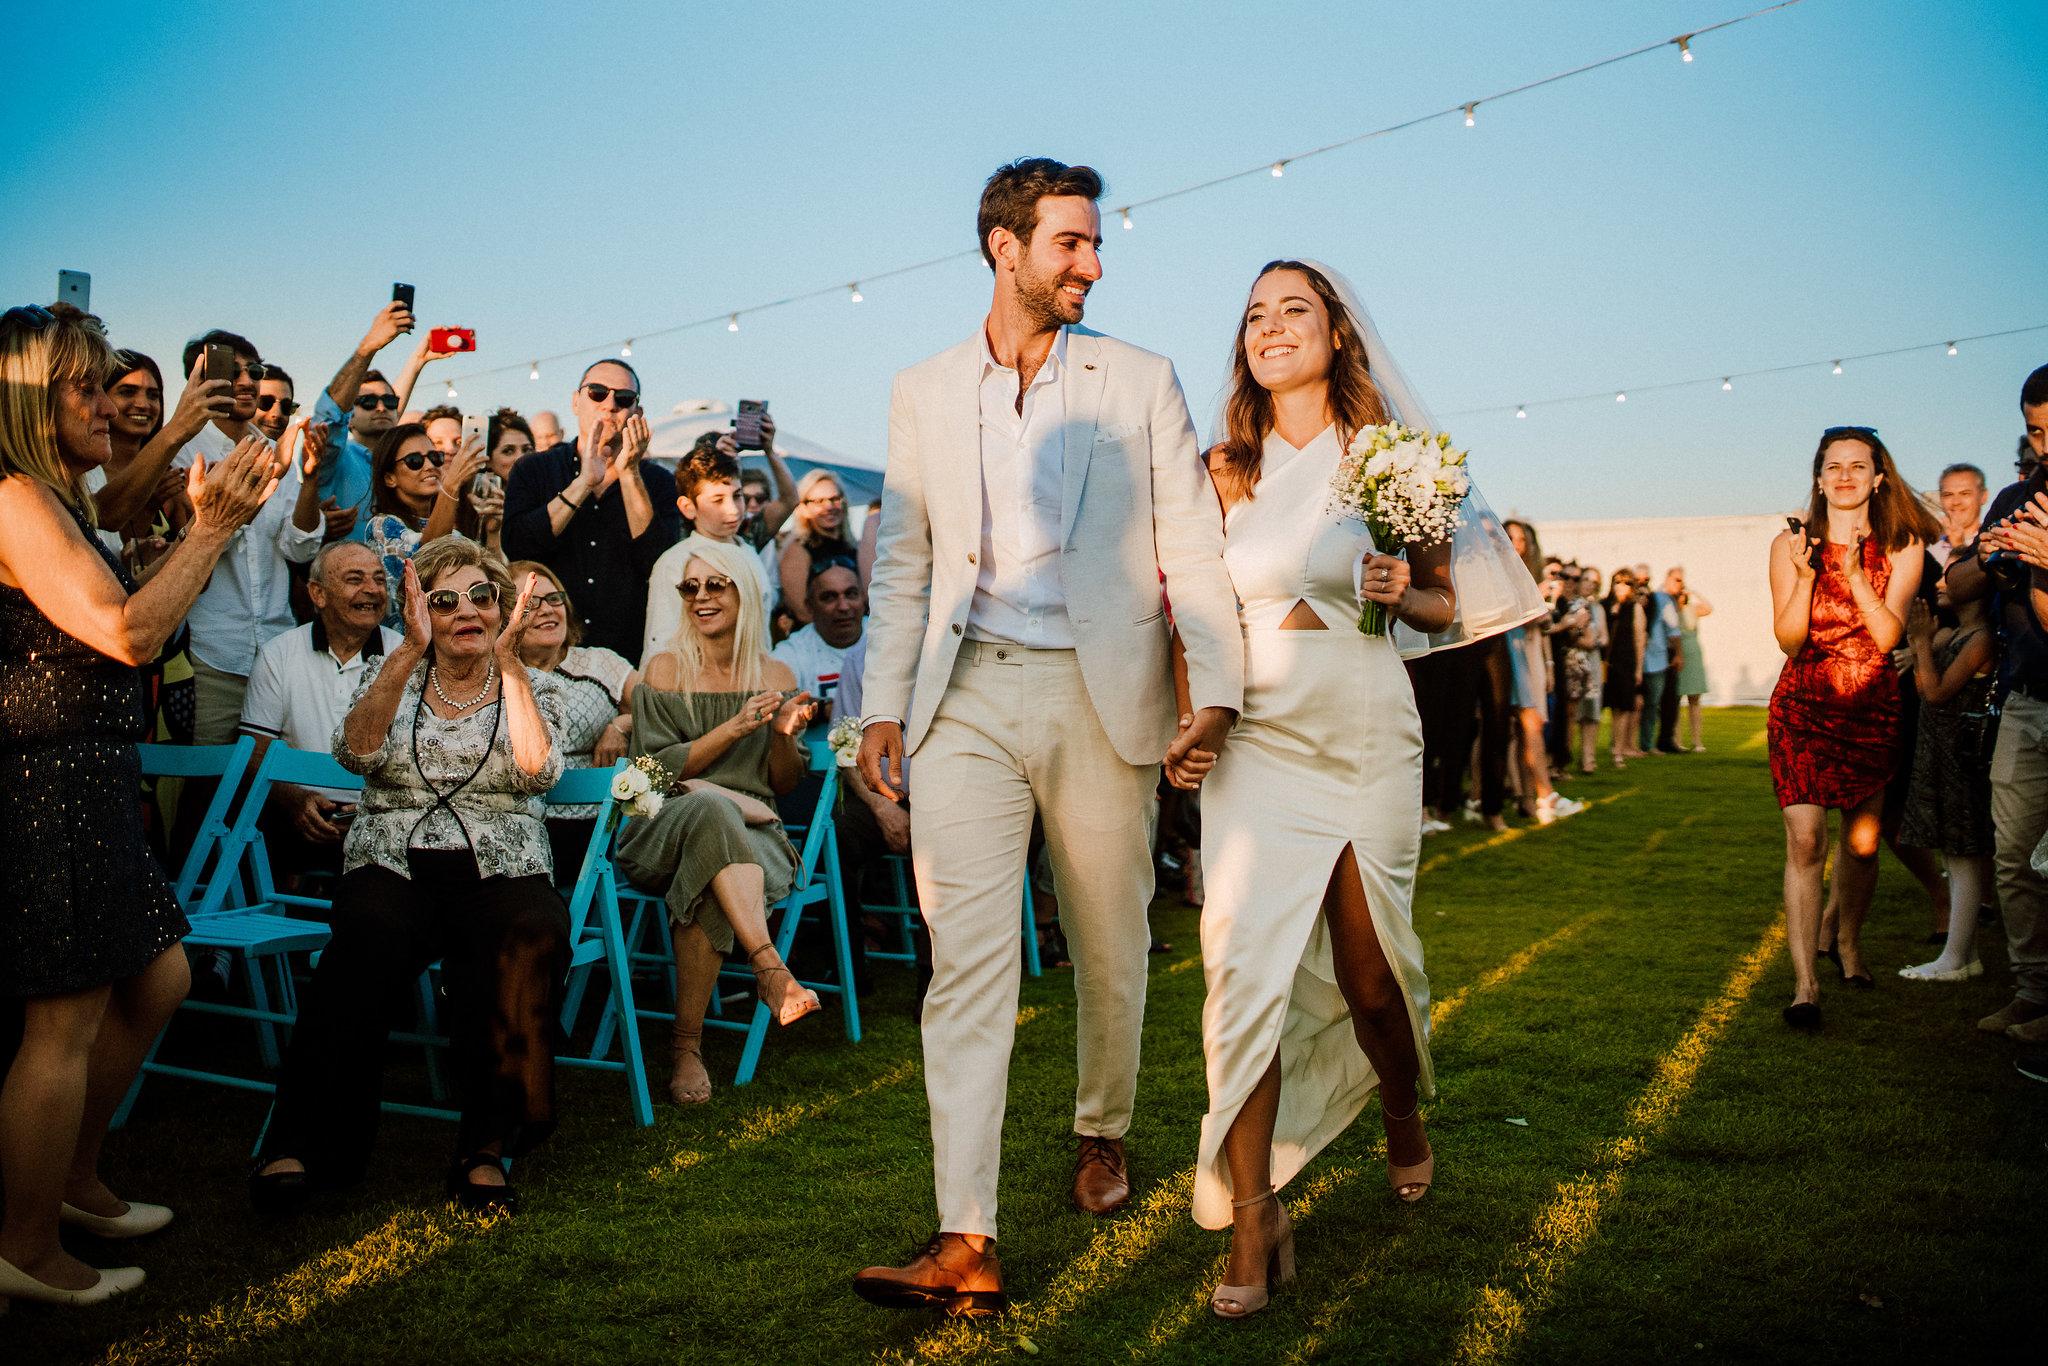 השאלות שאתם חייבים לשאול צלם לפני שתסגרו אותו לחתונה